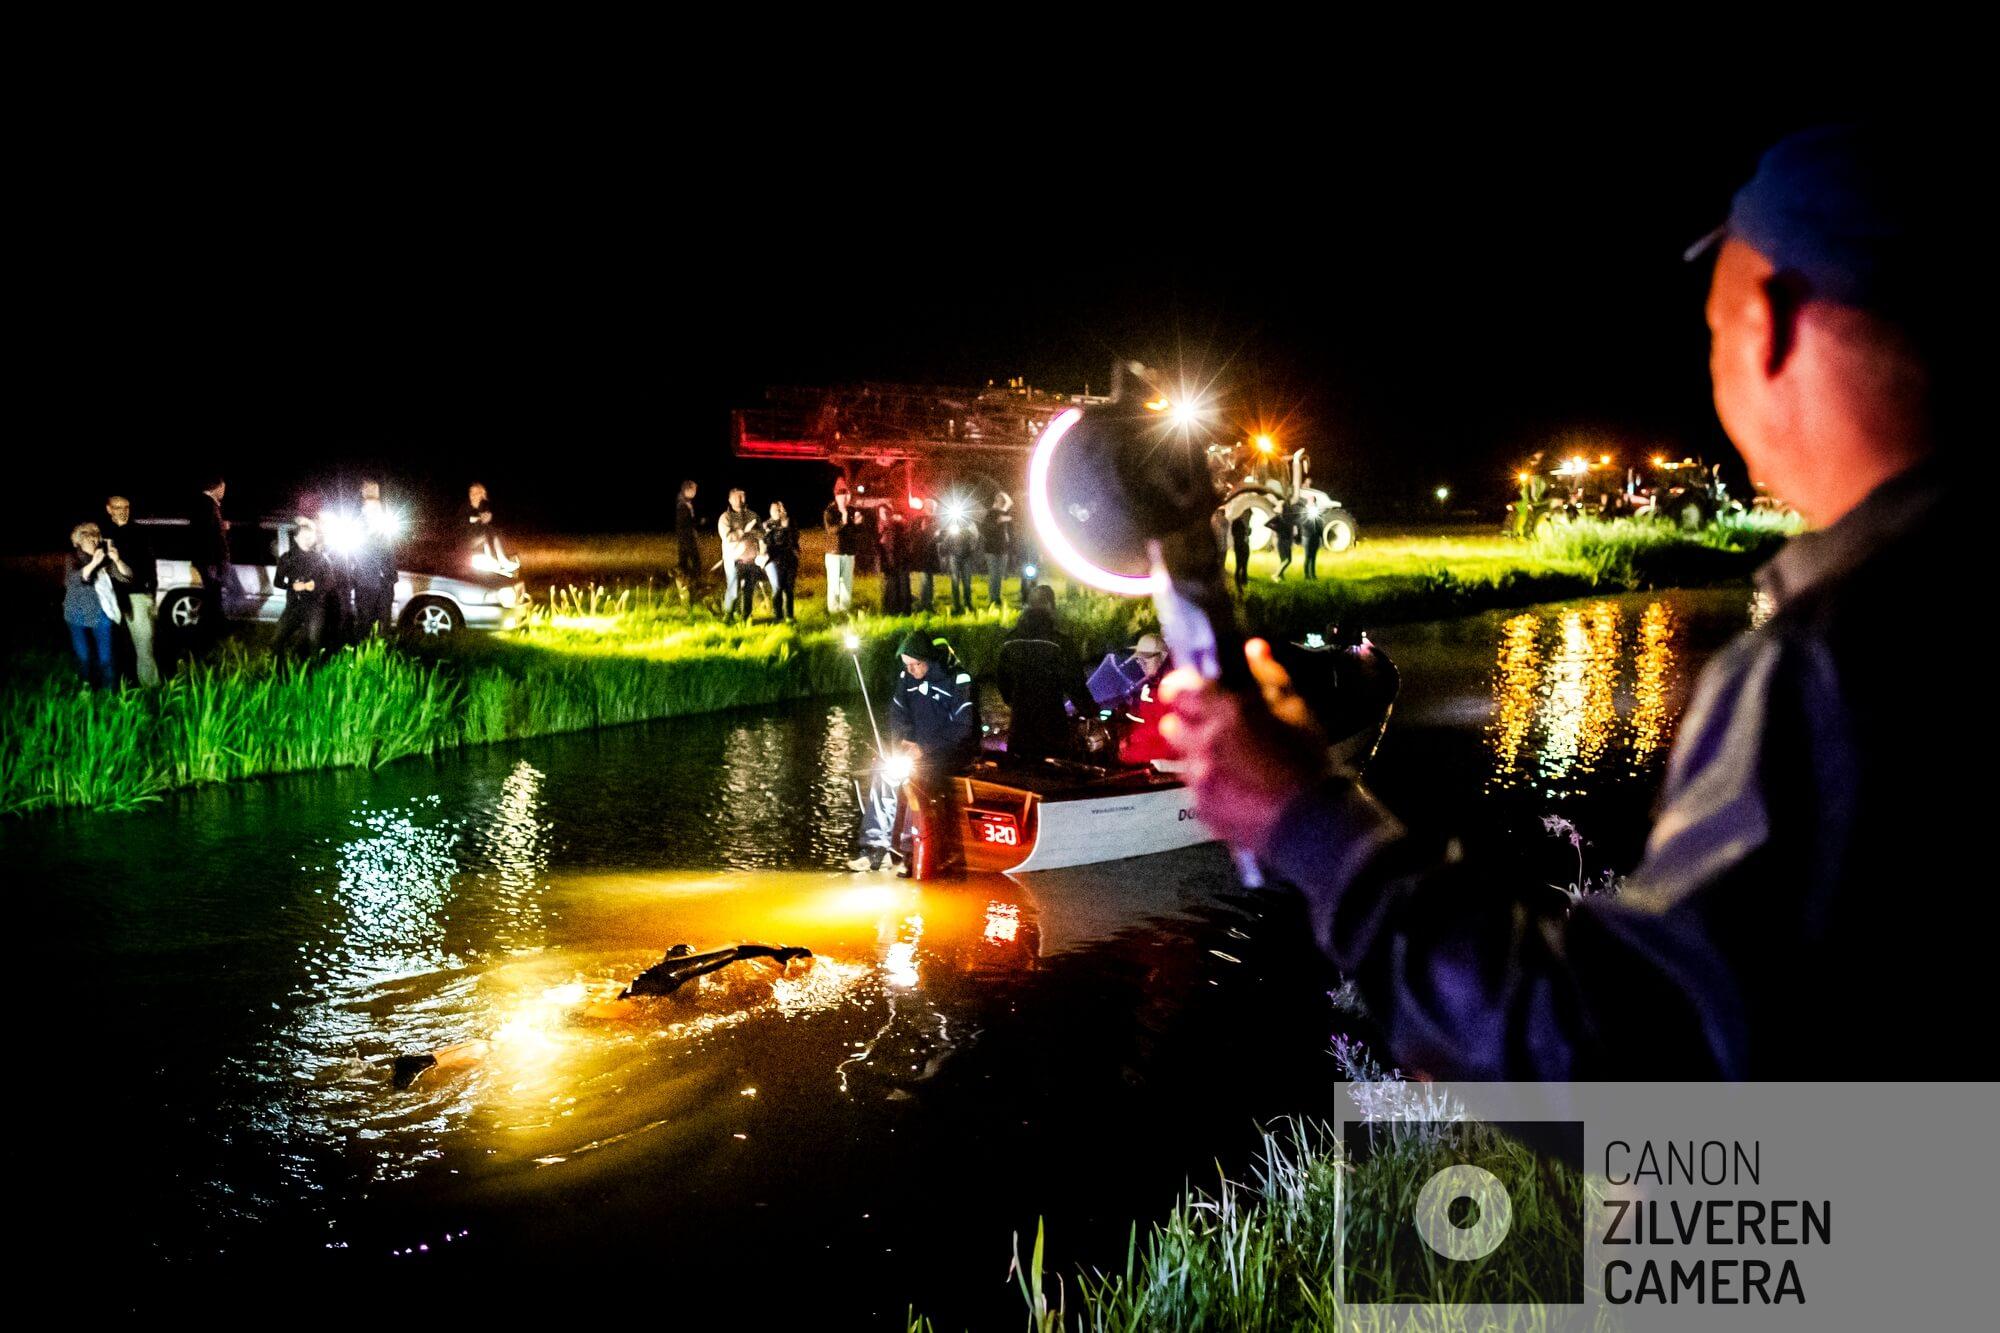 BERLIKUM - Zwemmer Maarten van der Weijden in het holst van de nacht onderweg tijdens zijn monstertocht langs de elf Friese steden. De Friezen geven massaal gehoor aan de oproep om van der Weijden licht te geven tijdens zijn tocht door 'de hel van het Noorden'.